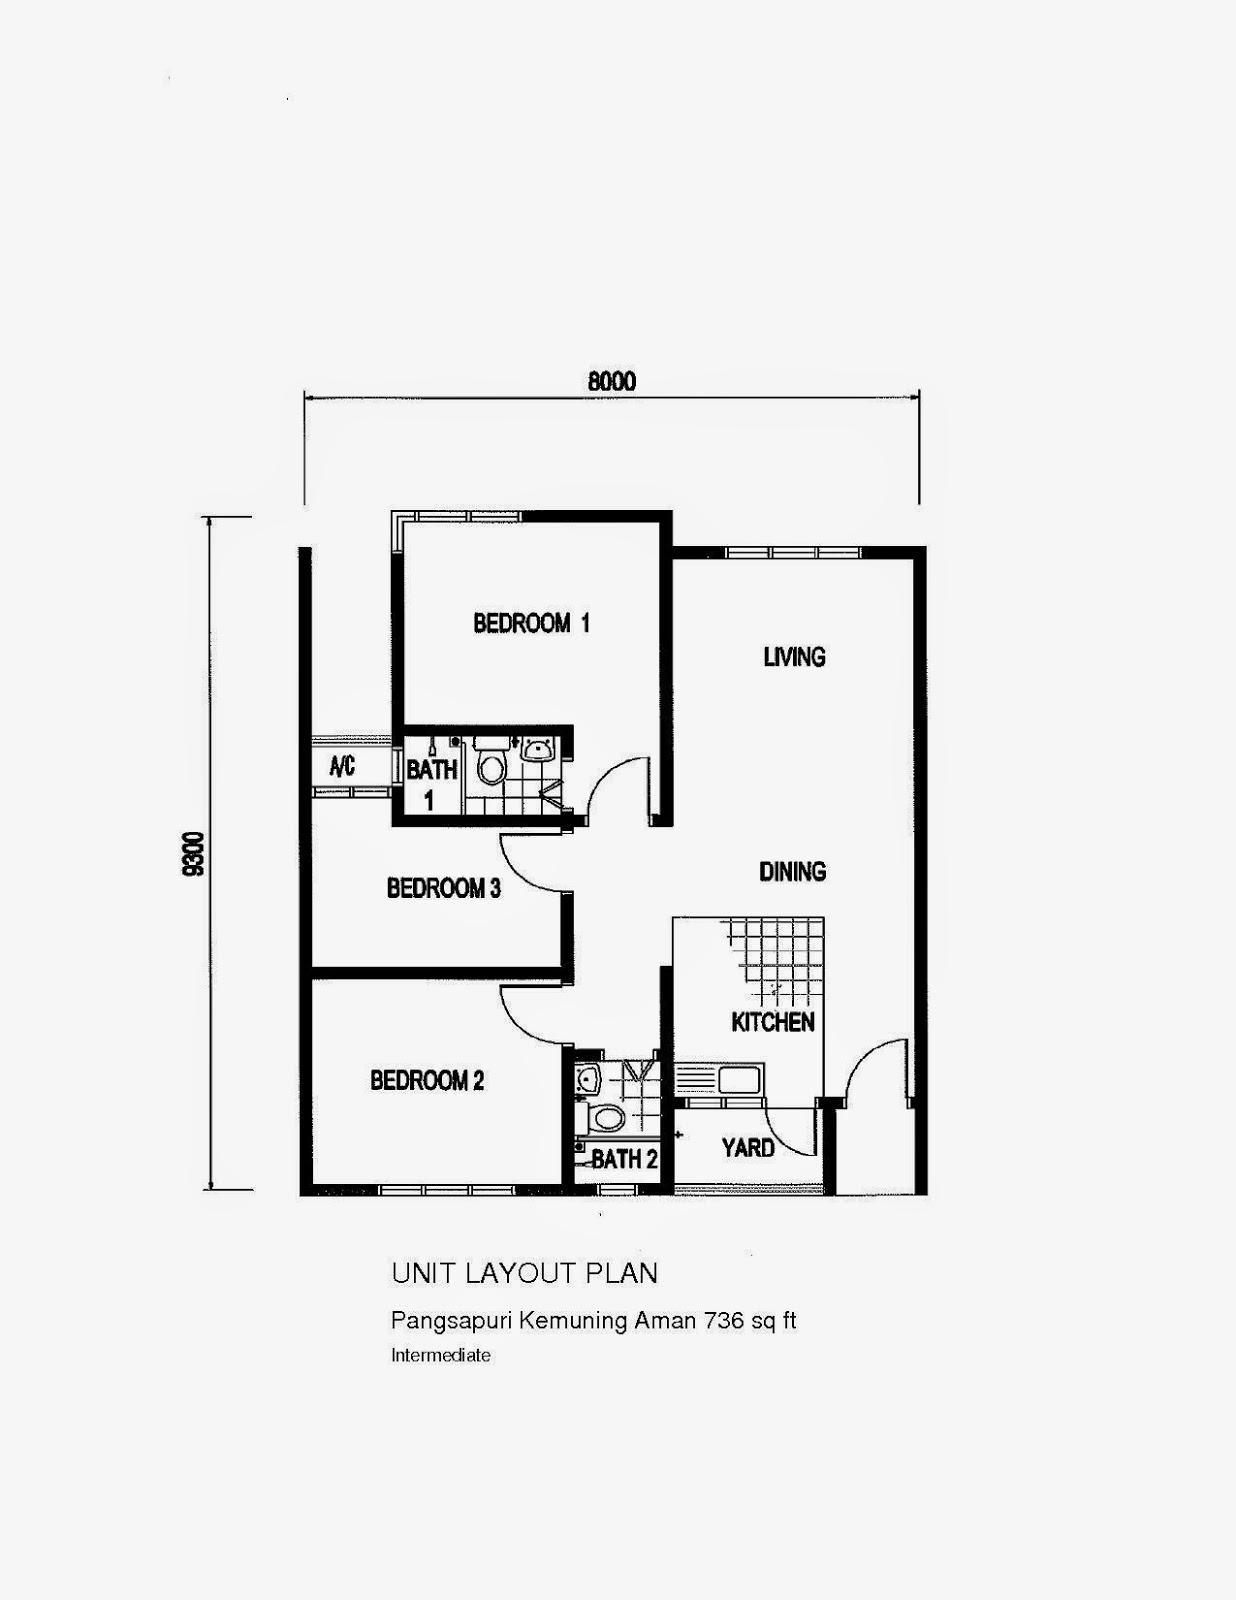 Ejen Hartanah Bumiputra ~ Rumah Untuk Dijual: Pangsapuri